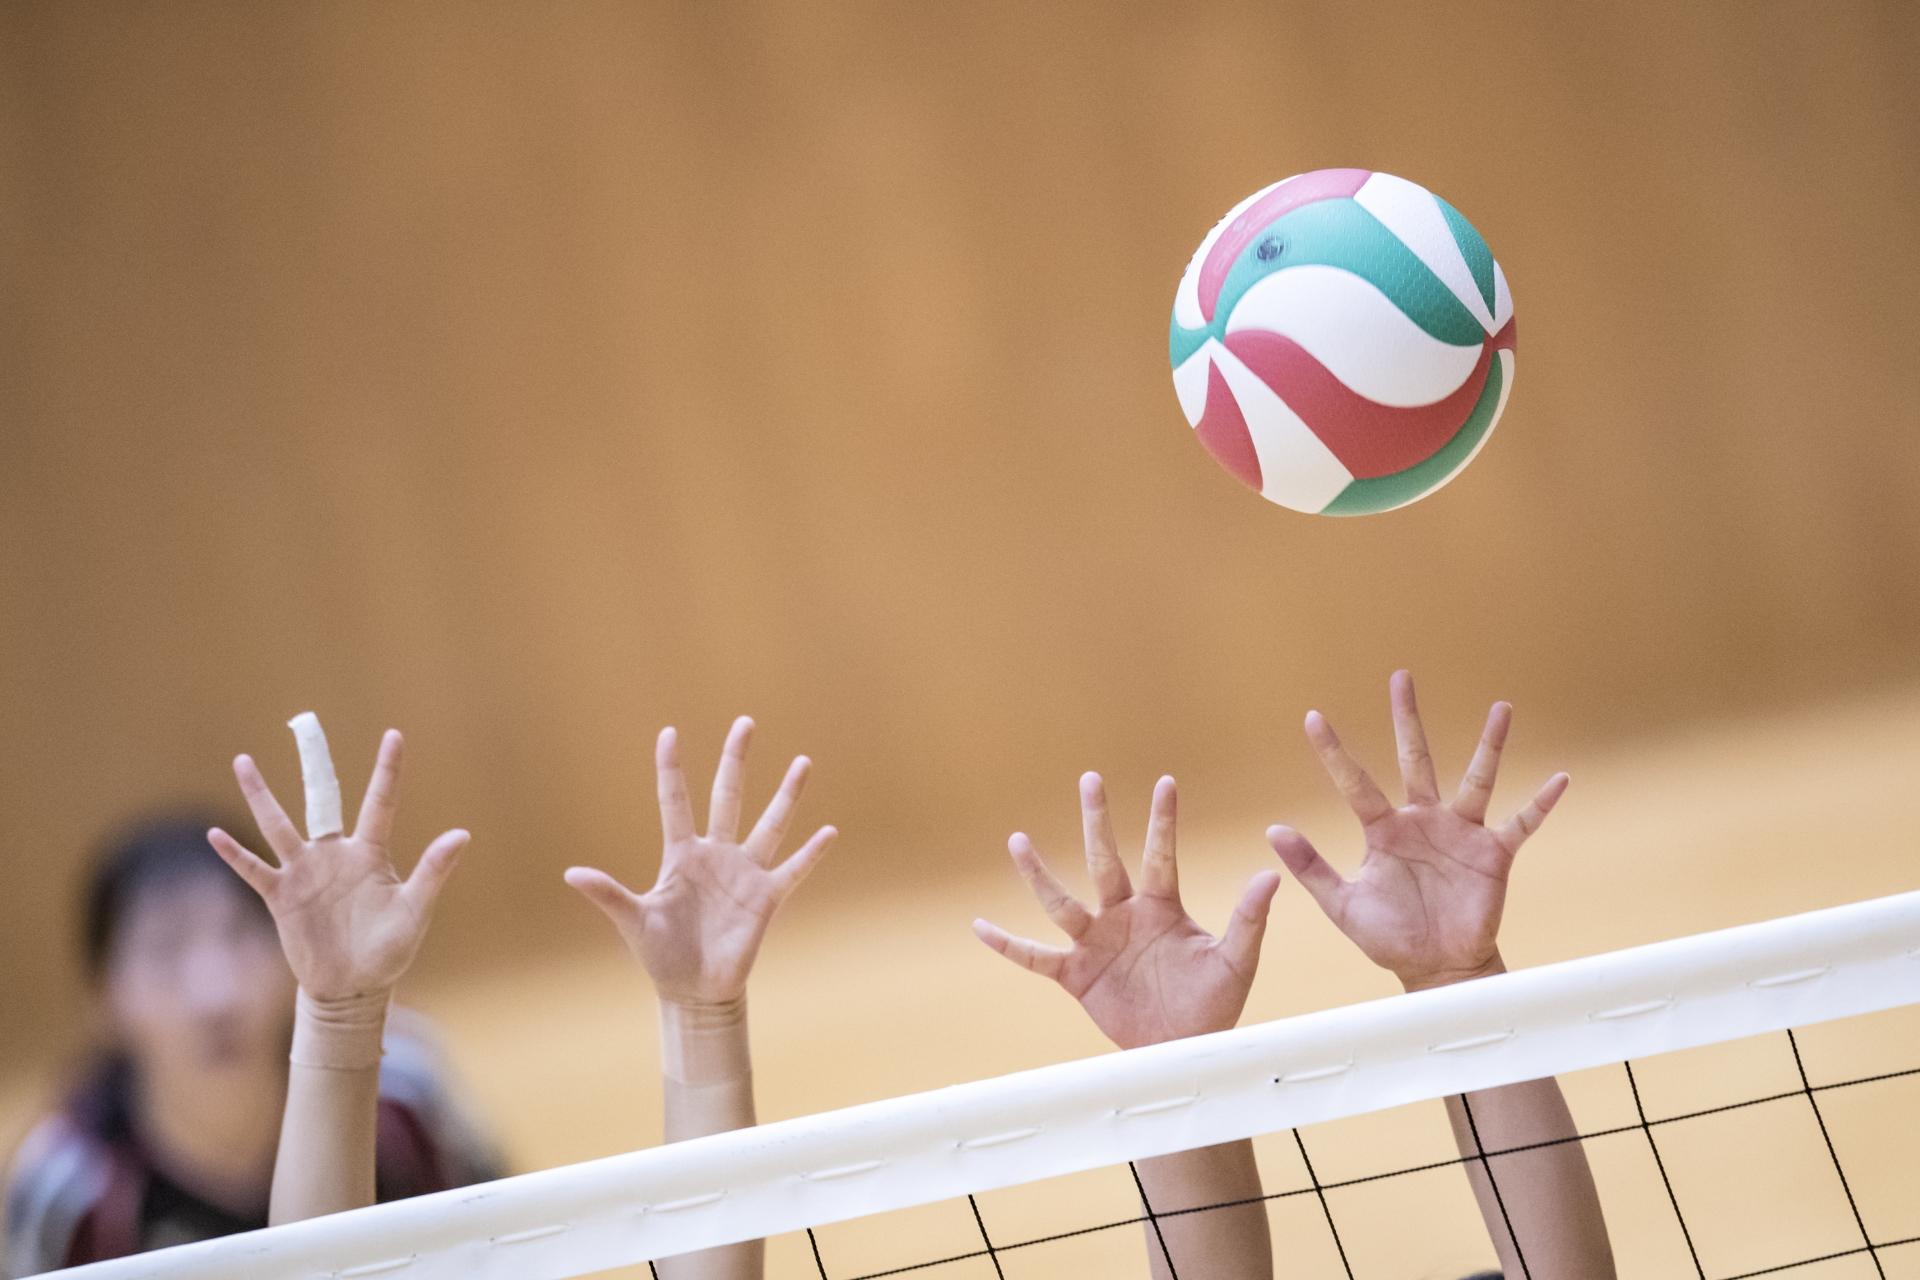 バレーボールは練習方法で楽しいと思わせるコツや工夫とは